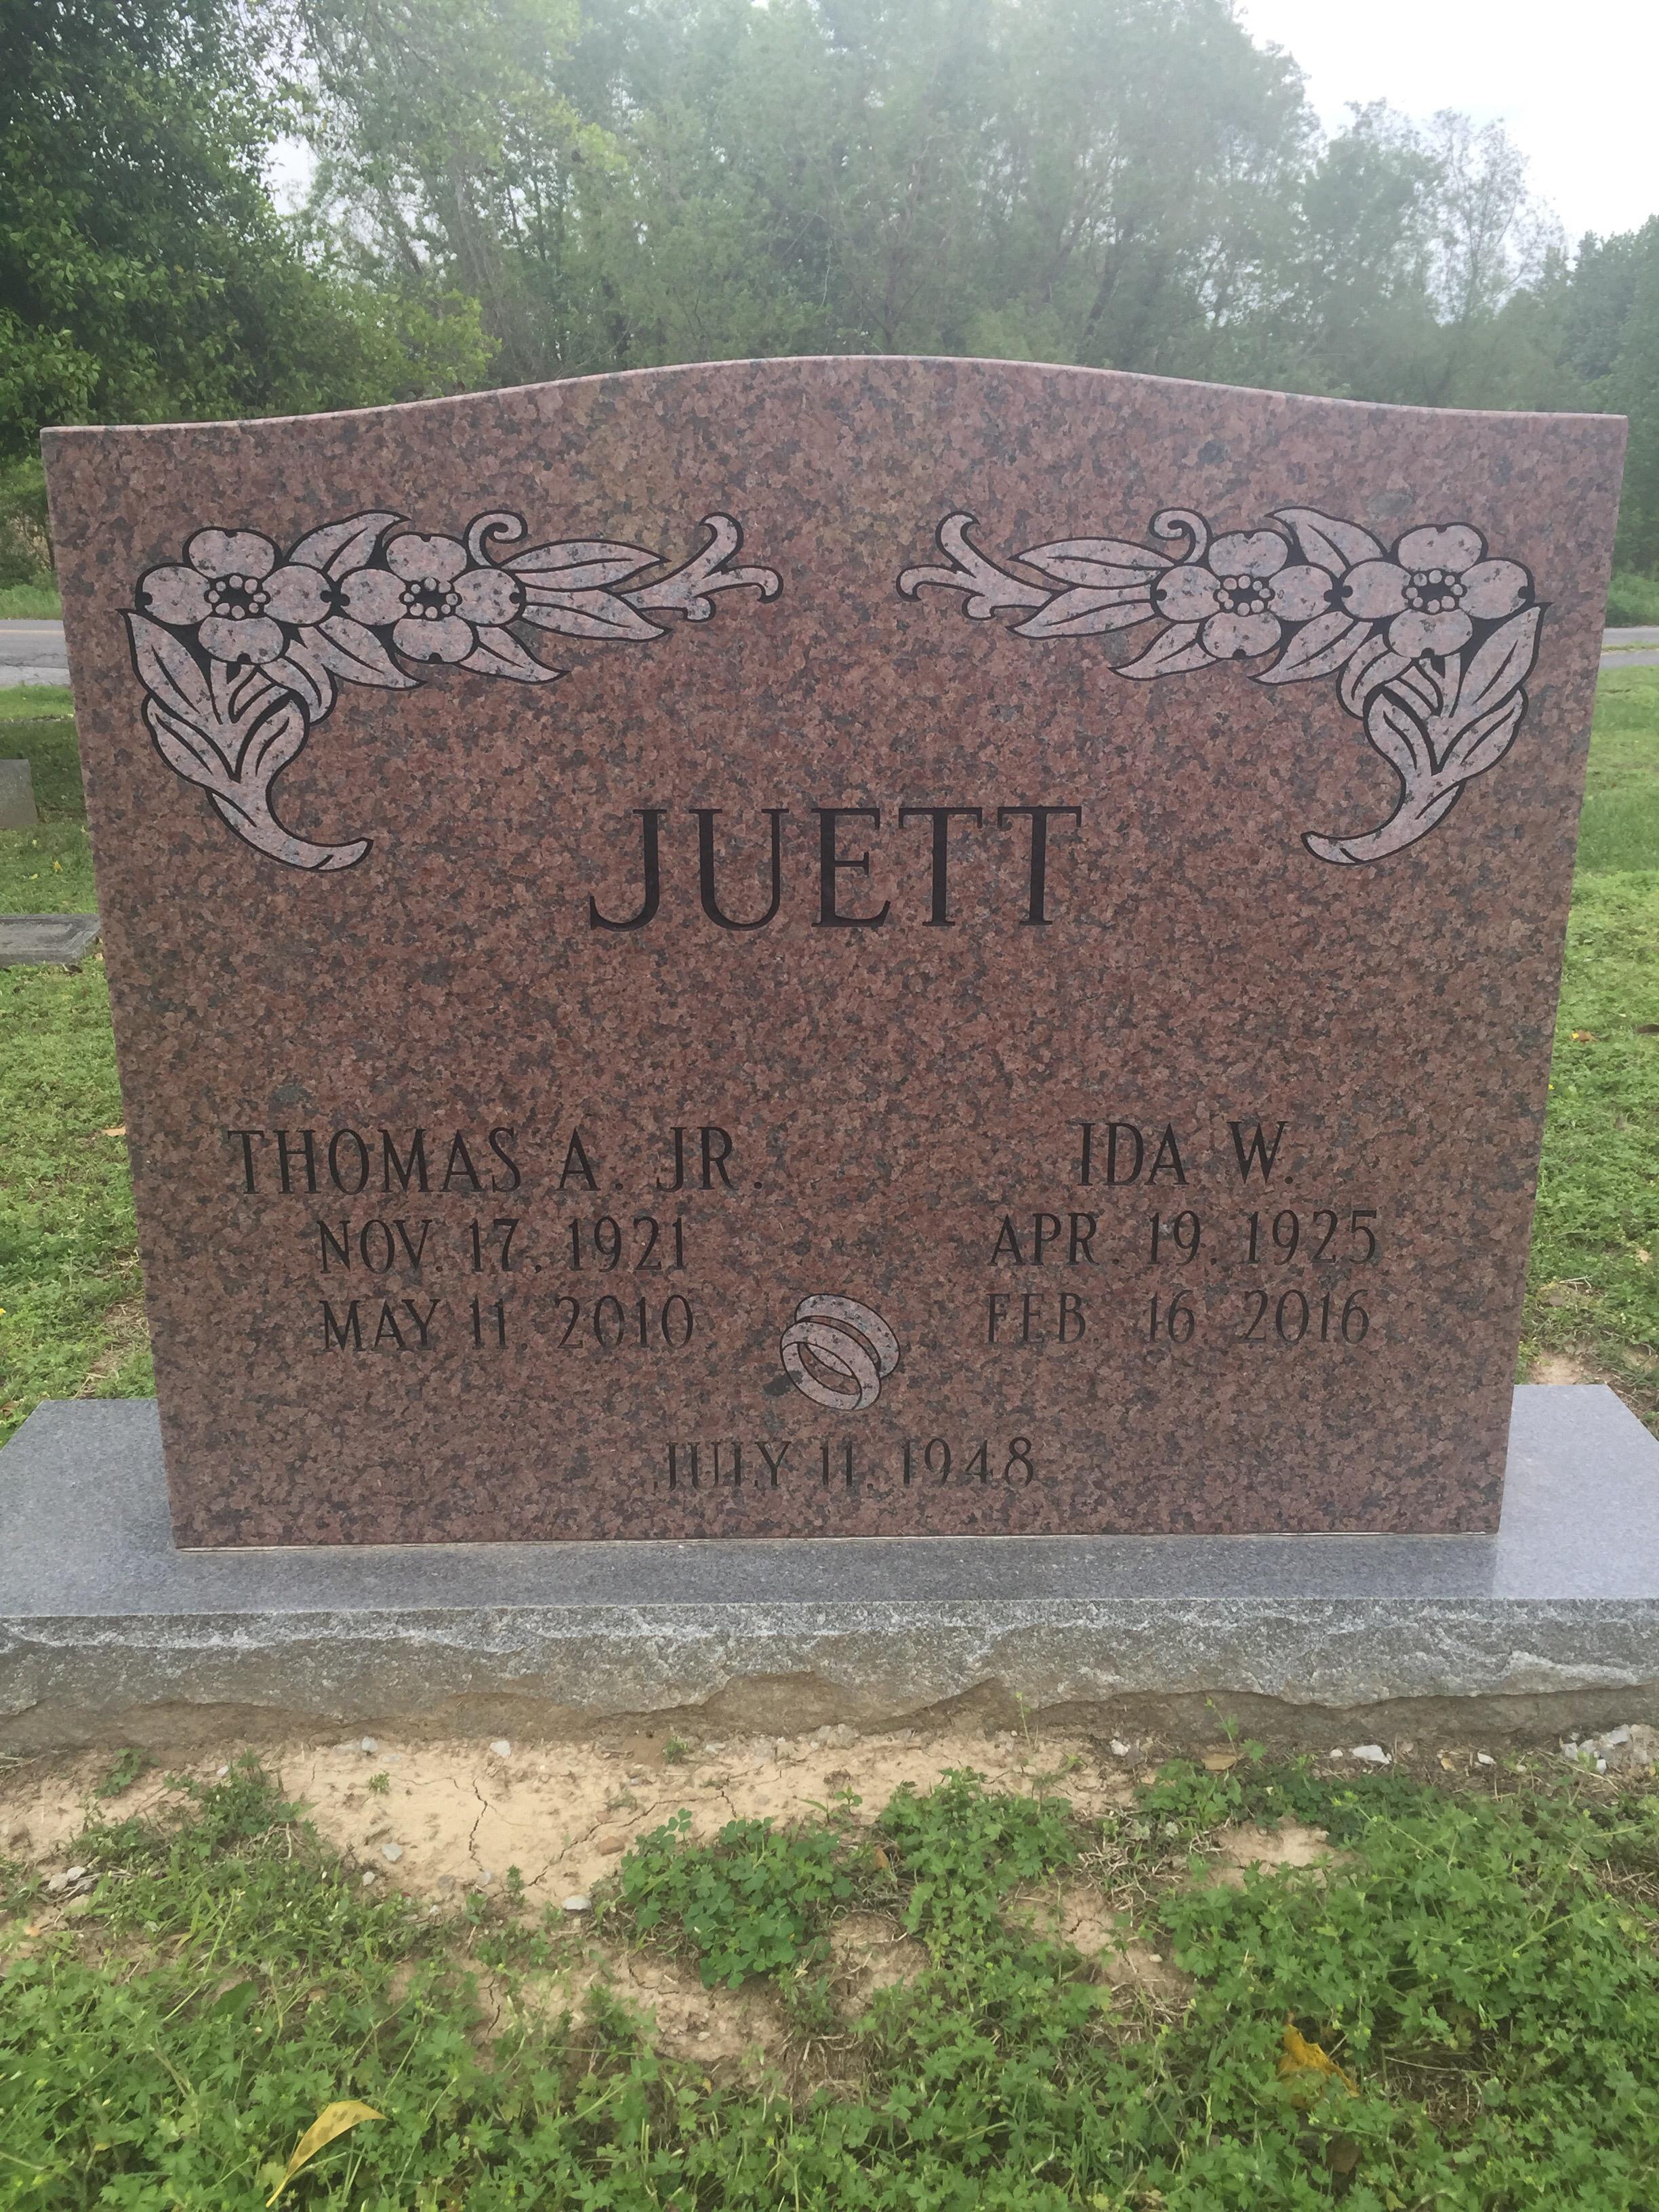 Thomas Albert Tommy Juett, Jr